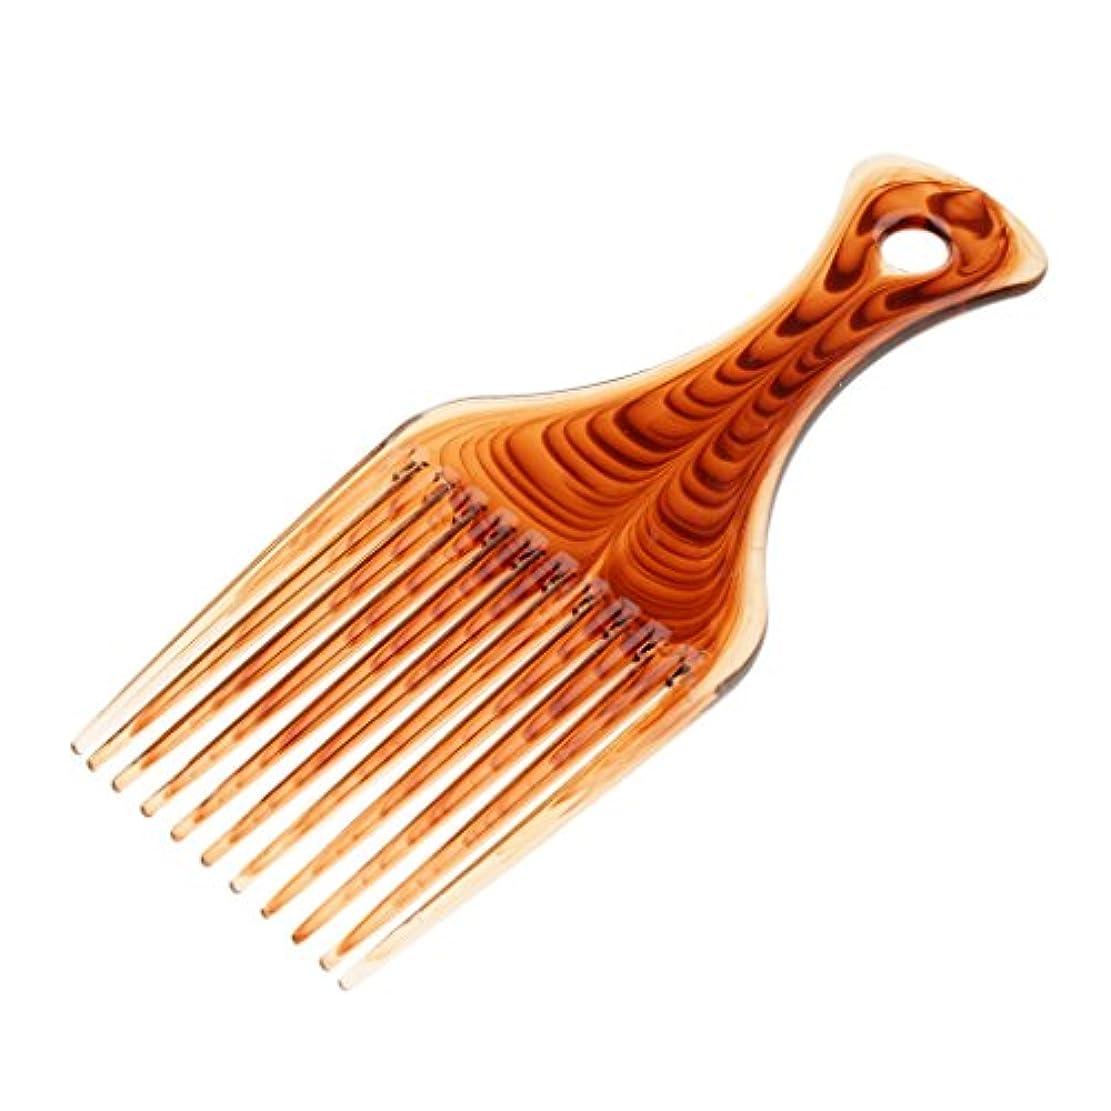 ヘアブラシ ヘアコーム プラスチック ヘアピックコーム かつら編組 髪の櫛 スタイリング